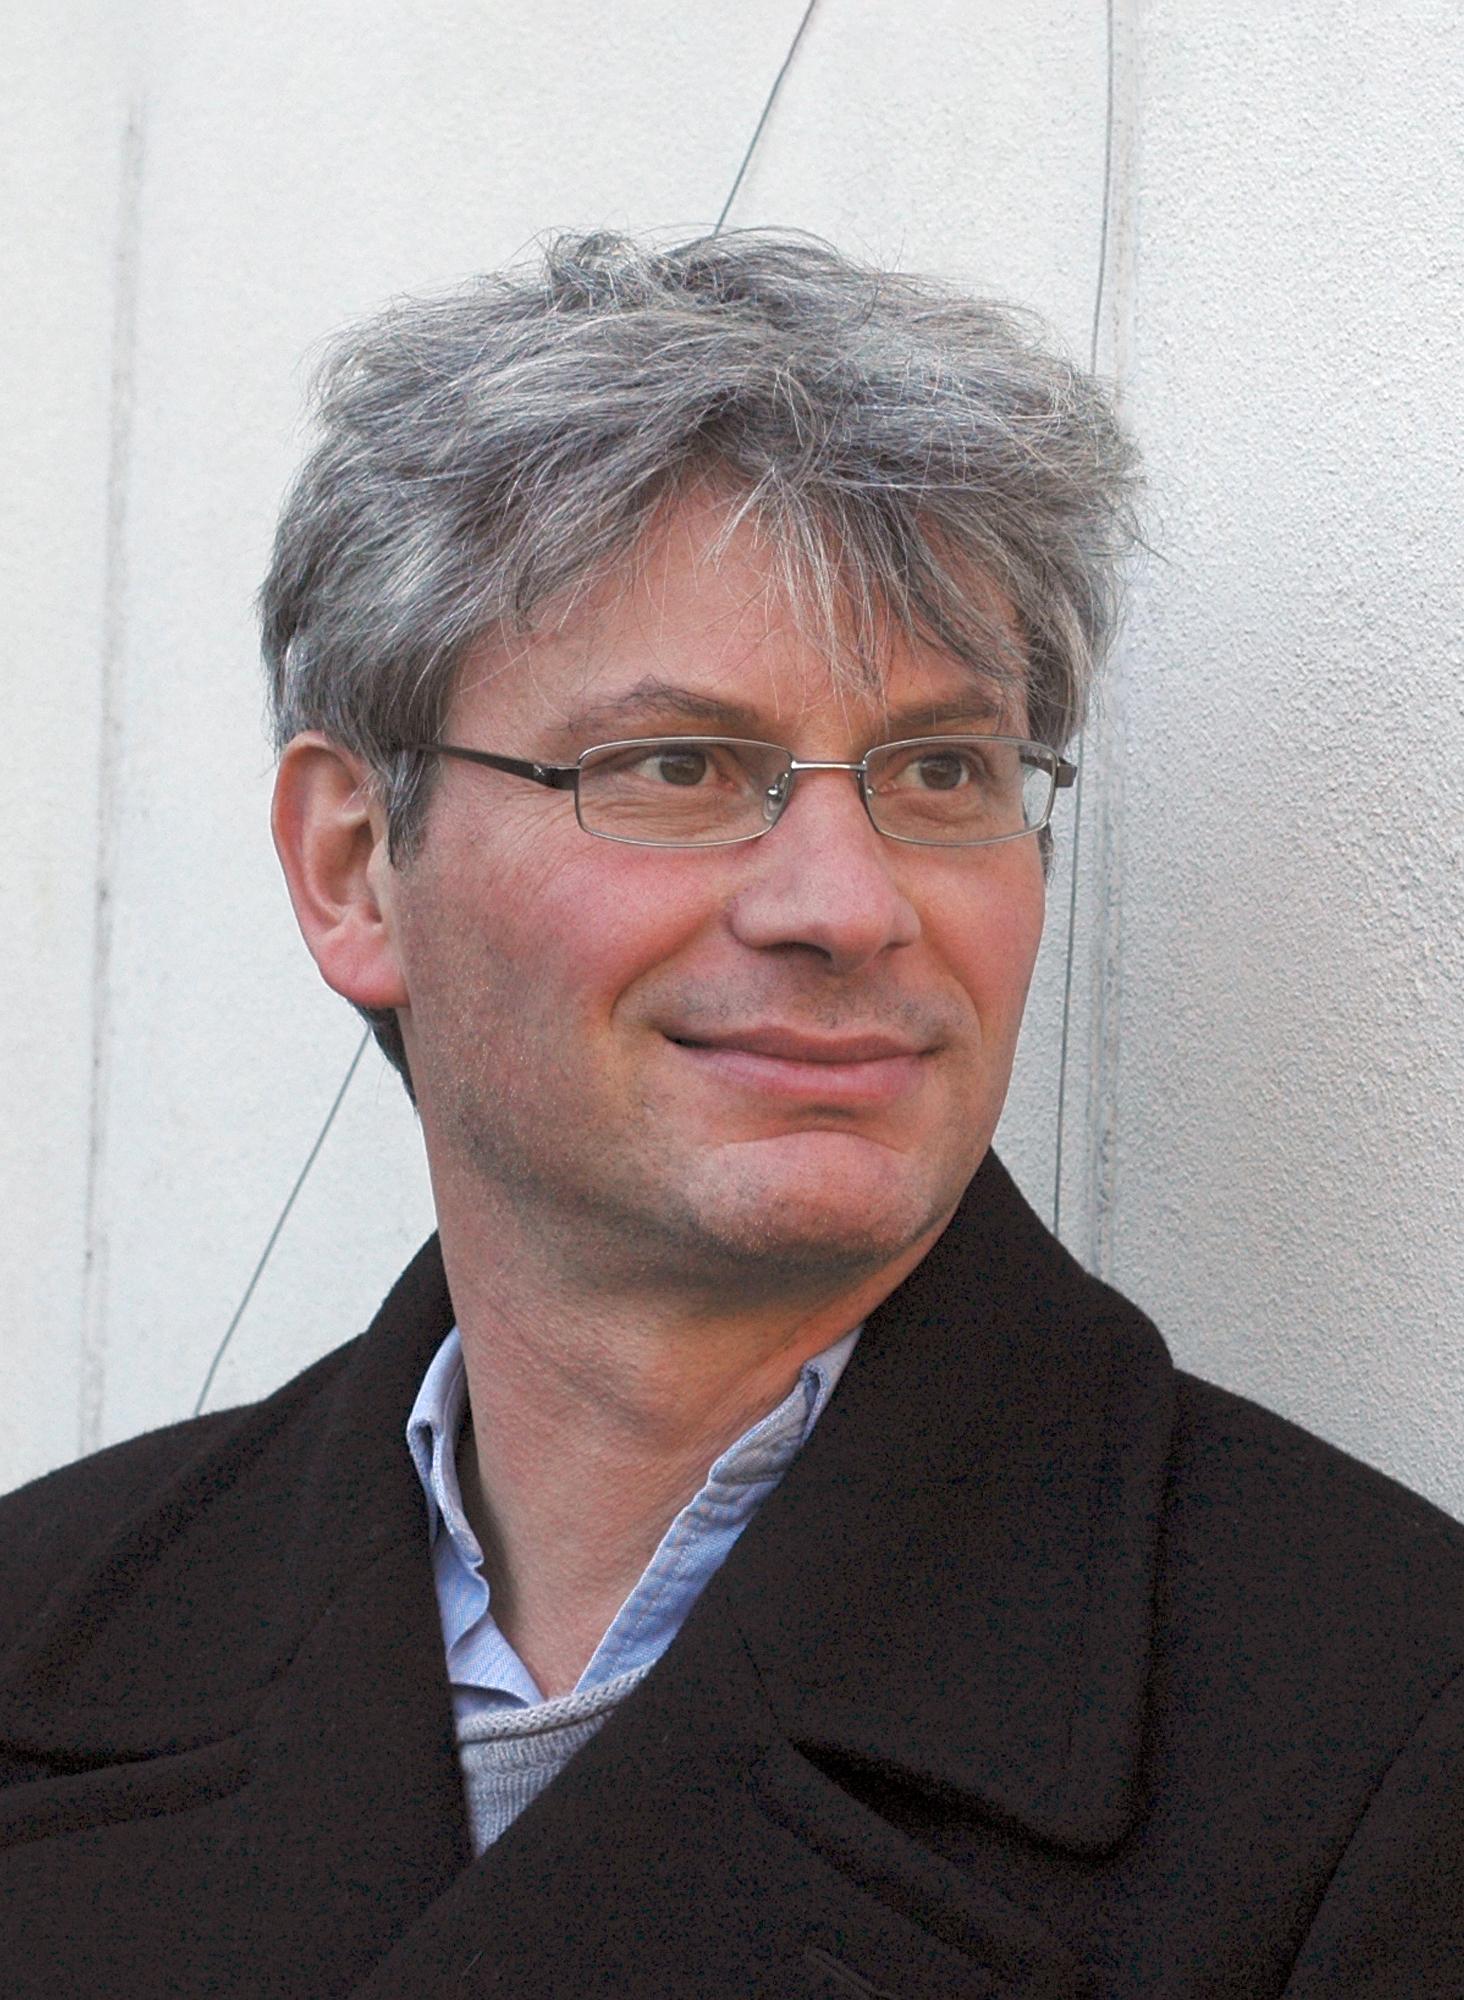 Roland Buti - Roland Buti wurde 1964 in Lausanne geboren. Sein Studium der Literaturwissenschaften und Geschichte schloss er 1996 mit einer Dissertation ab, die Aufsehen erregte: Le refus de la modernité: la Ligue vaudoise, une extrême droite et la Suisse (1919-1945). Buti arbeite als Geschichtslehrer am Gymnasium und widmet sich daneben Forschung und Literatur. 1990 erschien der Erzählband Les âmes lestées, 2004 sein erster Roman, Un Nuage sur l'œil, der mit dem Prix Bibliomedia 2005 ausgezeichnet wurde. Der Roman Luce et Célie (2007) wurde in die Sélection Lettres frontière 2008 aufgenommen.Das Flirren am Horizont(frz. Le milieu de l'horizon) wurde nominiert für den Prix Médicis pour le meilleur roman 2013 und ausgezeichnet mit dem Schweizer Literaturpreis 2014.